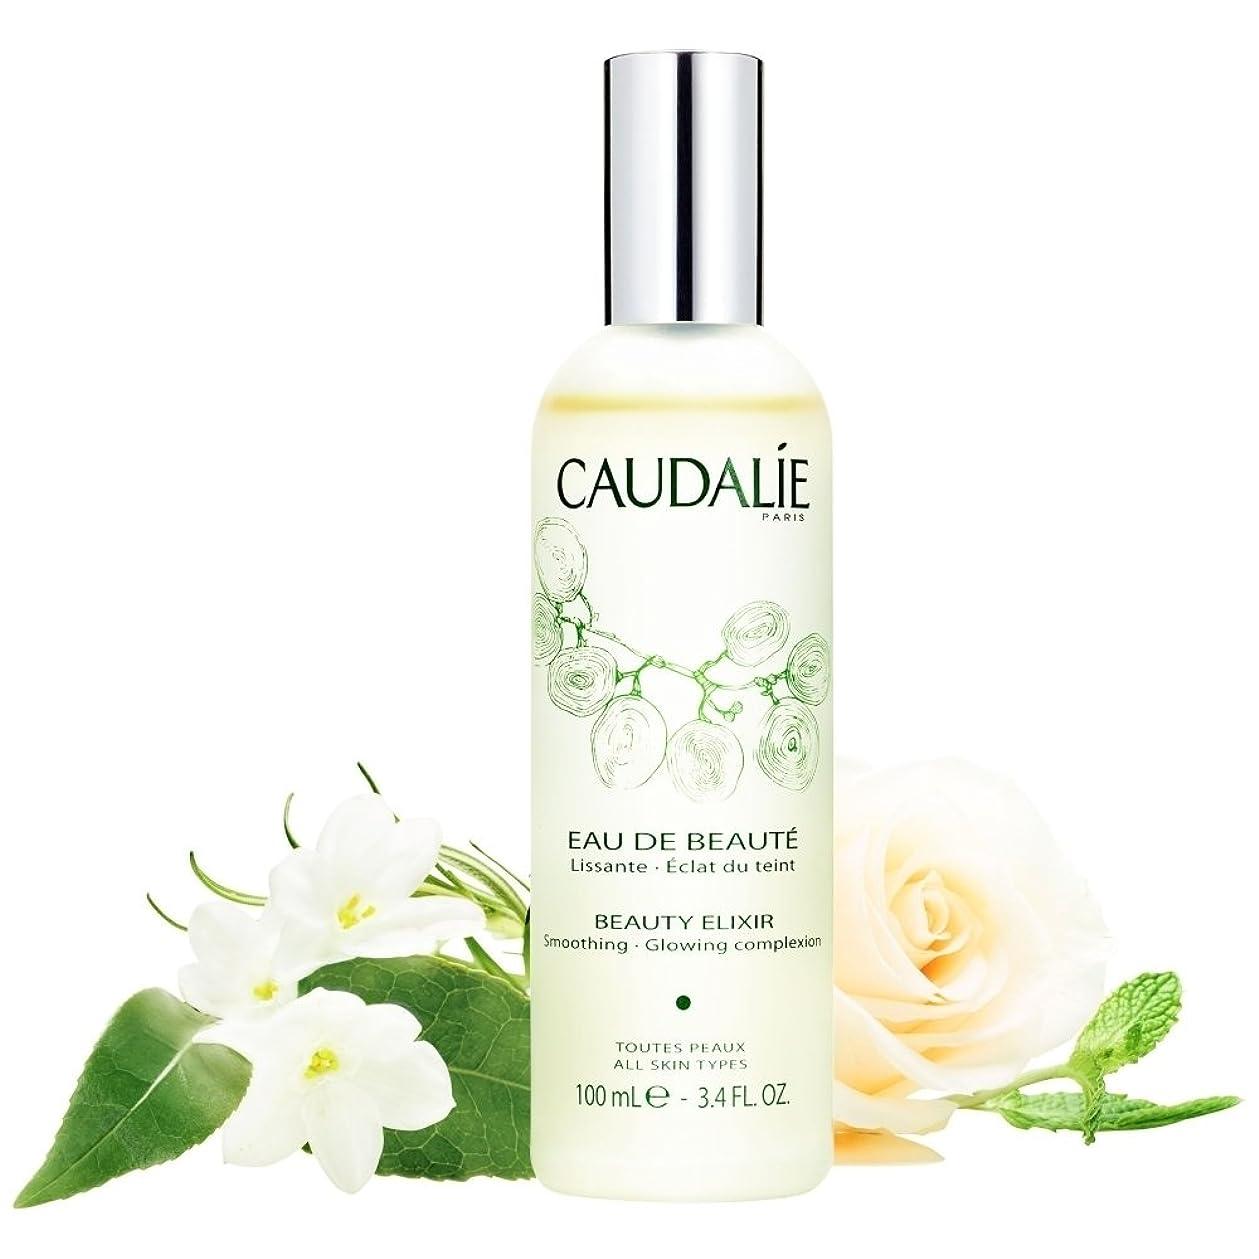 岸温度計民間人コーダリー美容エリキシル、100ミリリットル (Caudalie) (x2) - Caudalie Beauty Elixir, 100ml (Pack of 2) [並行輸入品]